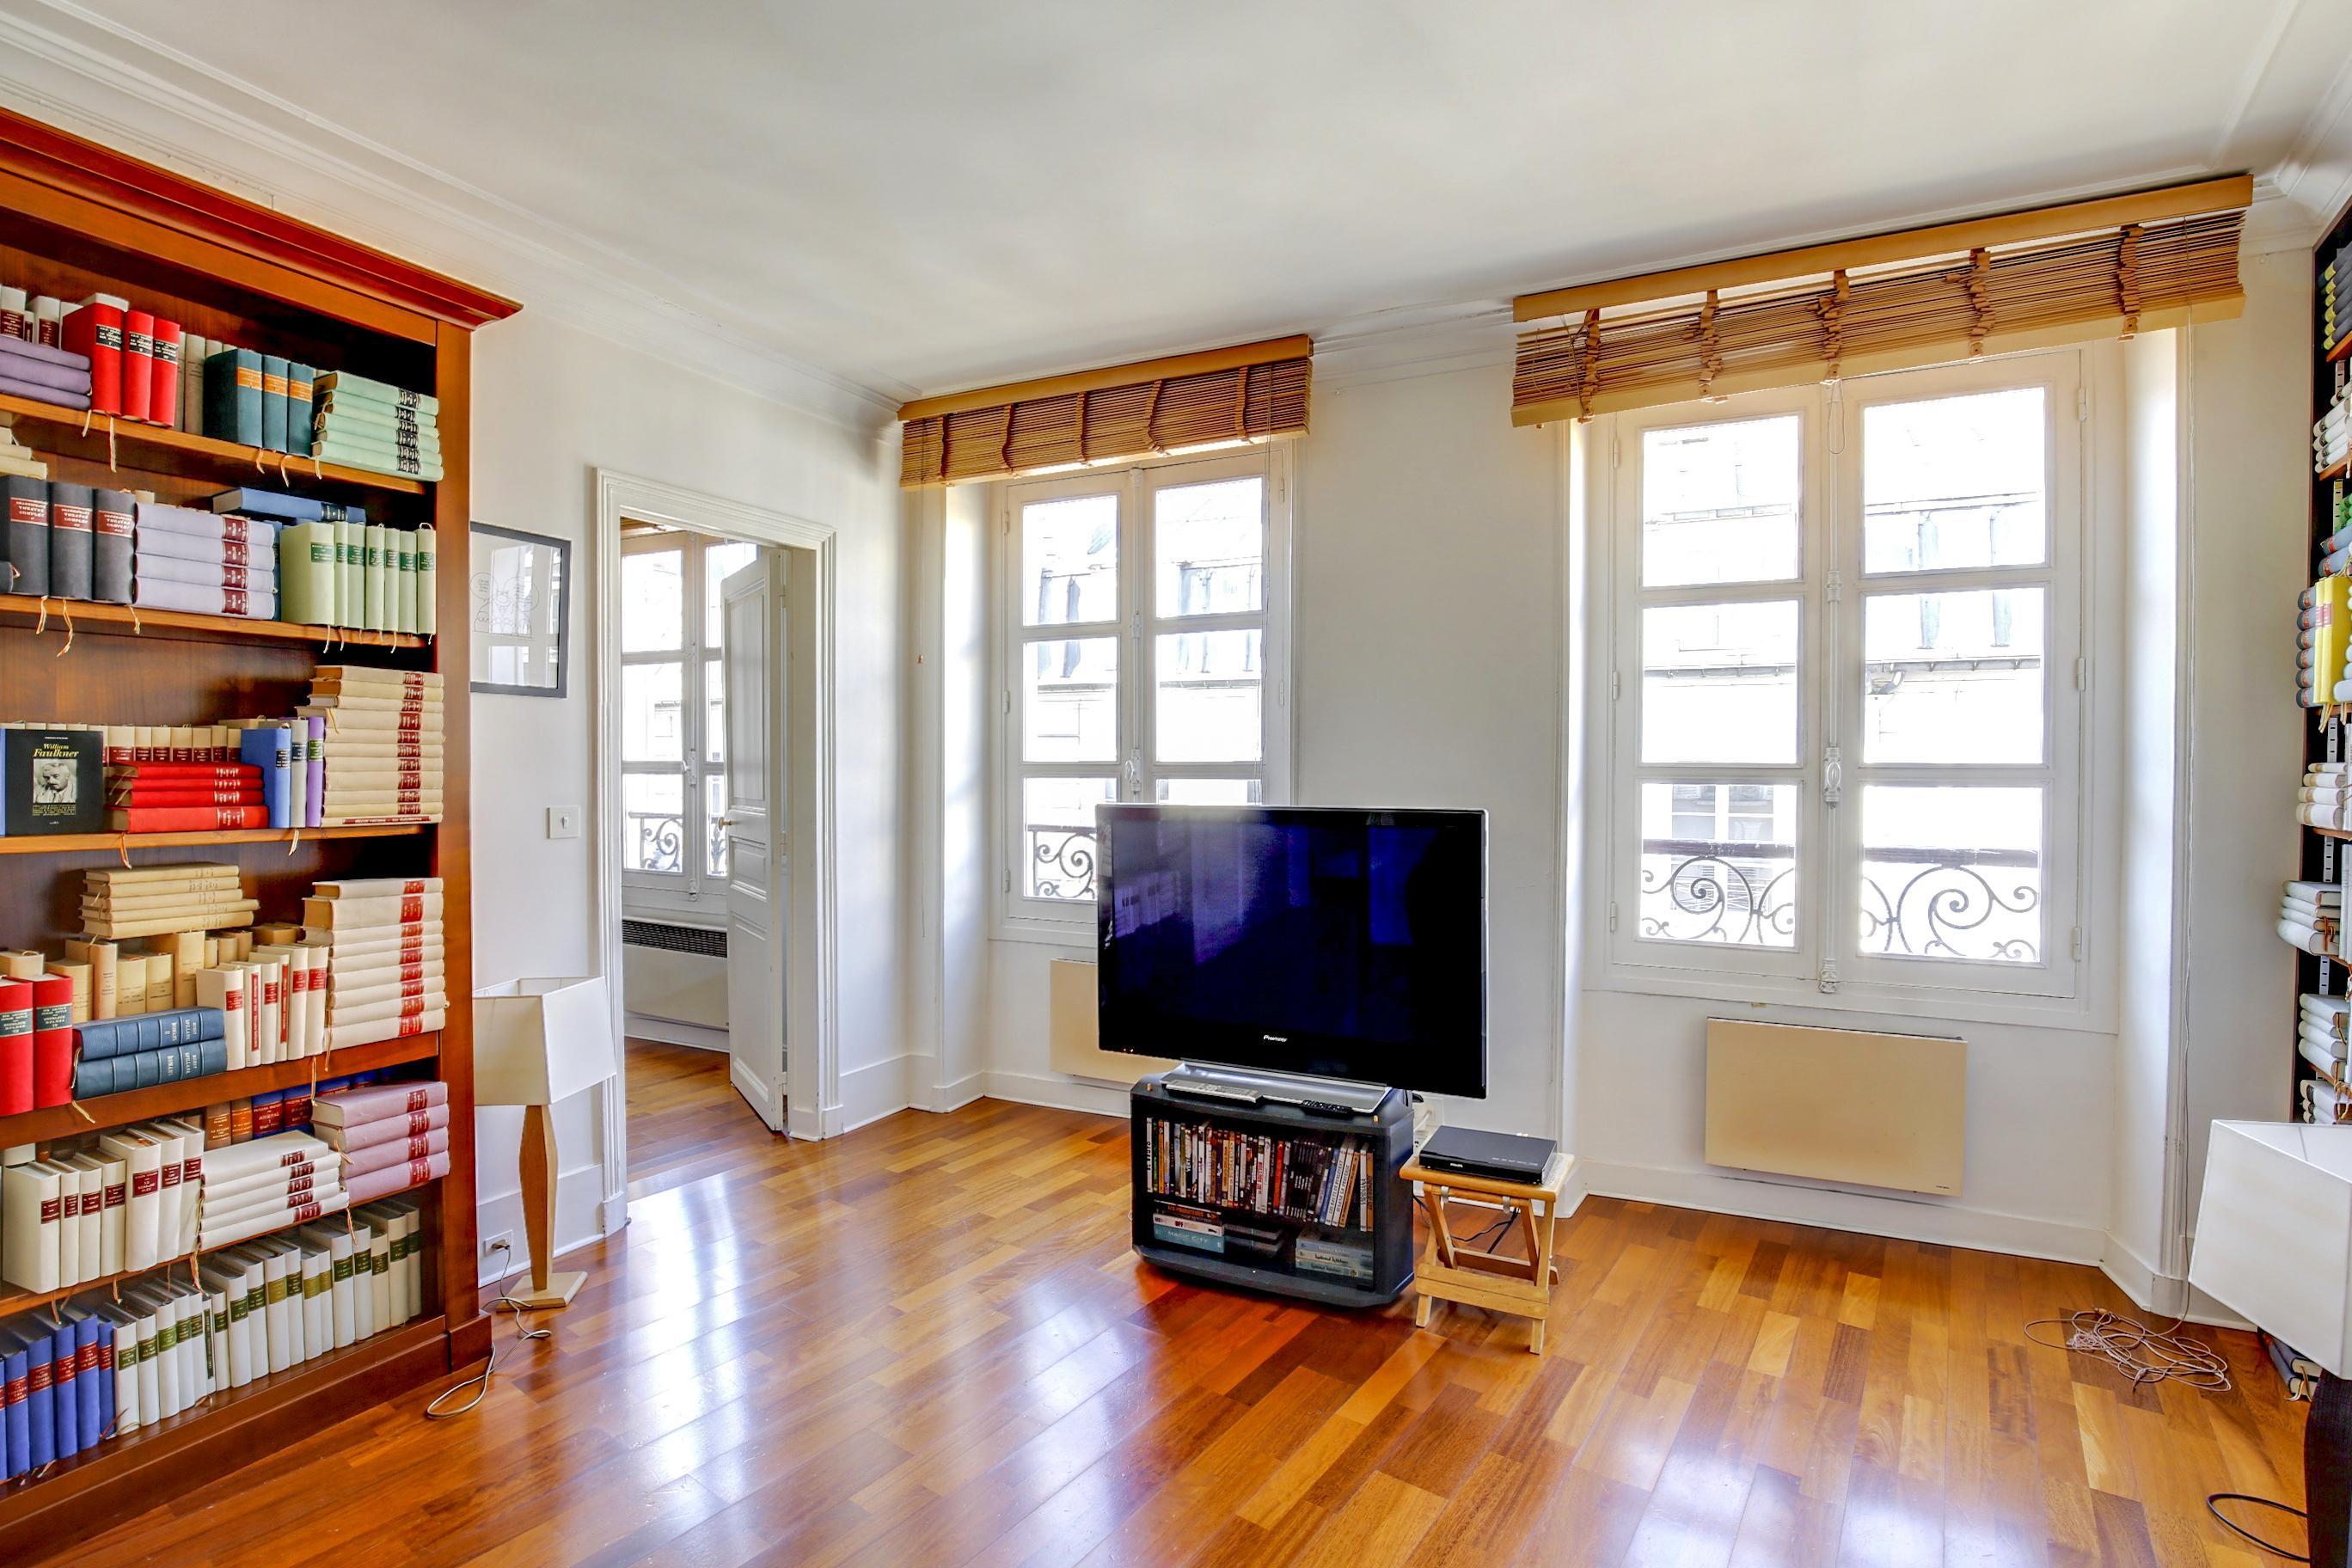 Agence-Leroy-Vente-2-pièces-rue-de-Bourgogne-75007-Paris-8001